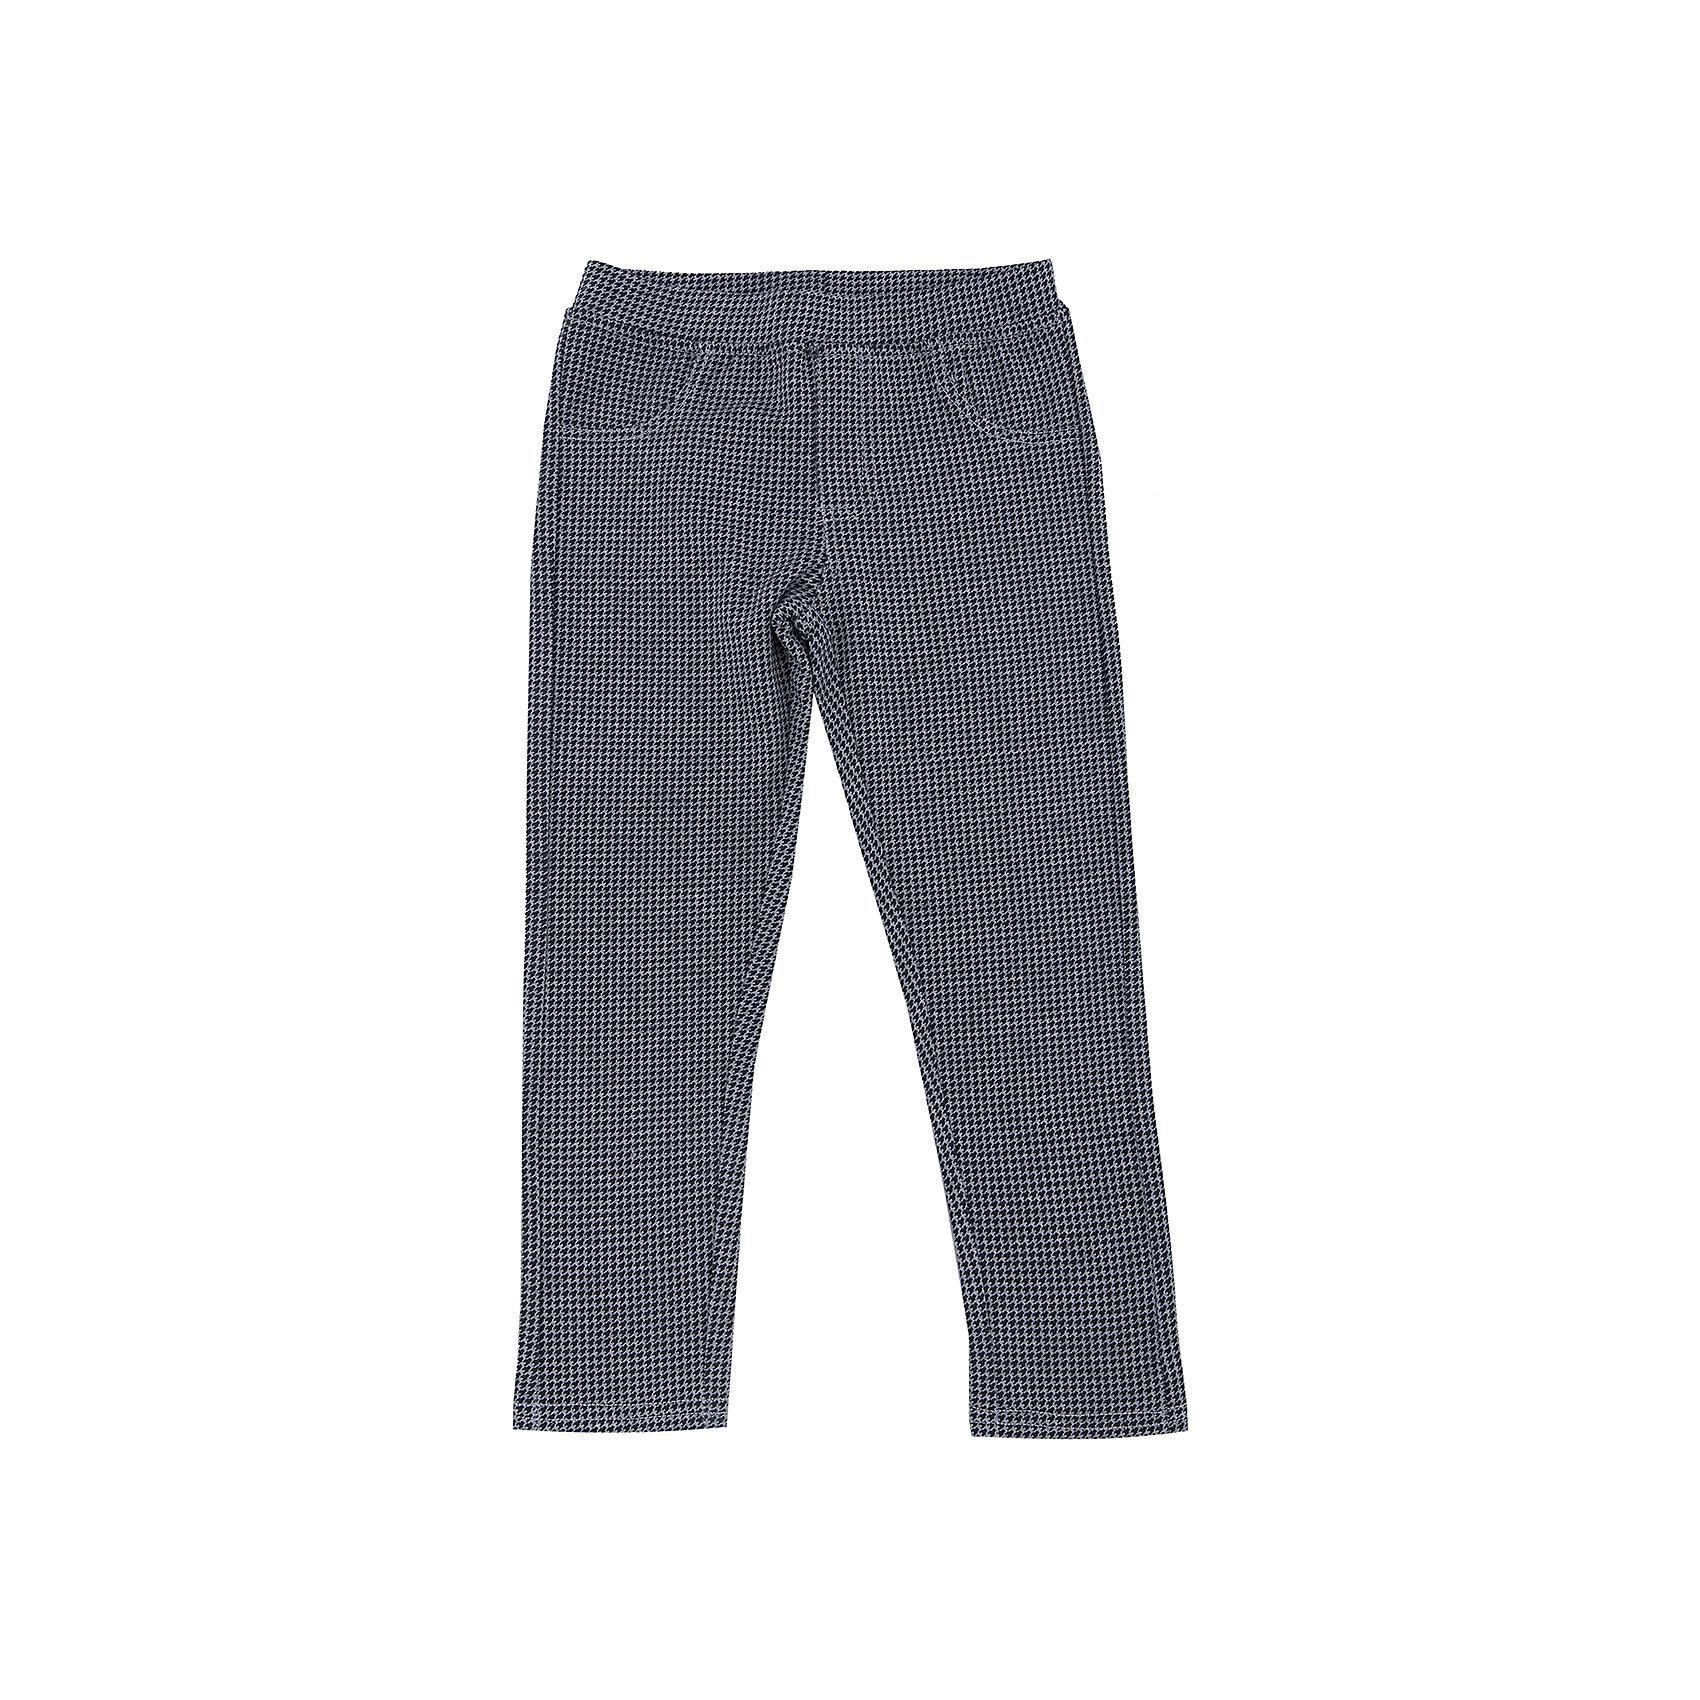 Брюки для девочки SELAБрюки<br>Классические брюки - незаменимая вещь в детском гардеробе. Эта модель отлично сидит на ребенке, она сшита из плотного материала, натуральный хлопок не вызывает аллергии и обеспечивает ребенку комфорт. Модель станет отличной базовой вещью, которая будет уместна в различных сочетаниях.<br>Одежда от бренда Sela (Села) - это качество по приемлемым ценам. Многие российские родители уже оценили преимущества продукции этой компании и всё чаще приобретают одежду и аксессуары Sela.<br><br>Дополнительная информация:<br><br>цвет: серый;<br>материал: 60% хлопок, 35% ПЭ, 5% эластан;<br>плотный материал.<br><br>Брюки для девочки от бренда Sela можно купить в нашем интернет-магазине.<br><br>Ширина мм: 215<br>Глубина мм: 88<br>Высота мм: 191<br>Вес г: 336<br>Цвет: серый<br>Возраст от месяцев: 48<br>Возраст до месяцев: 60<br>Пол: Женский<br>Возраст: Детский<br>Размер: 110,116,92,98,104<br>SKU: 4944038